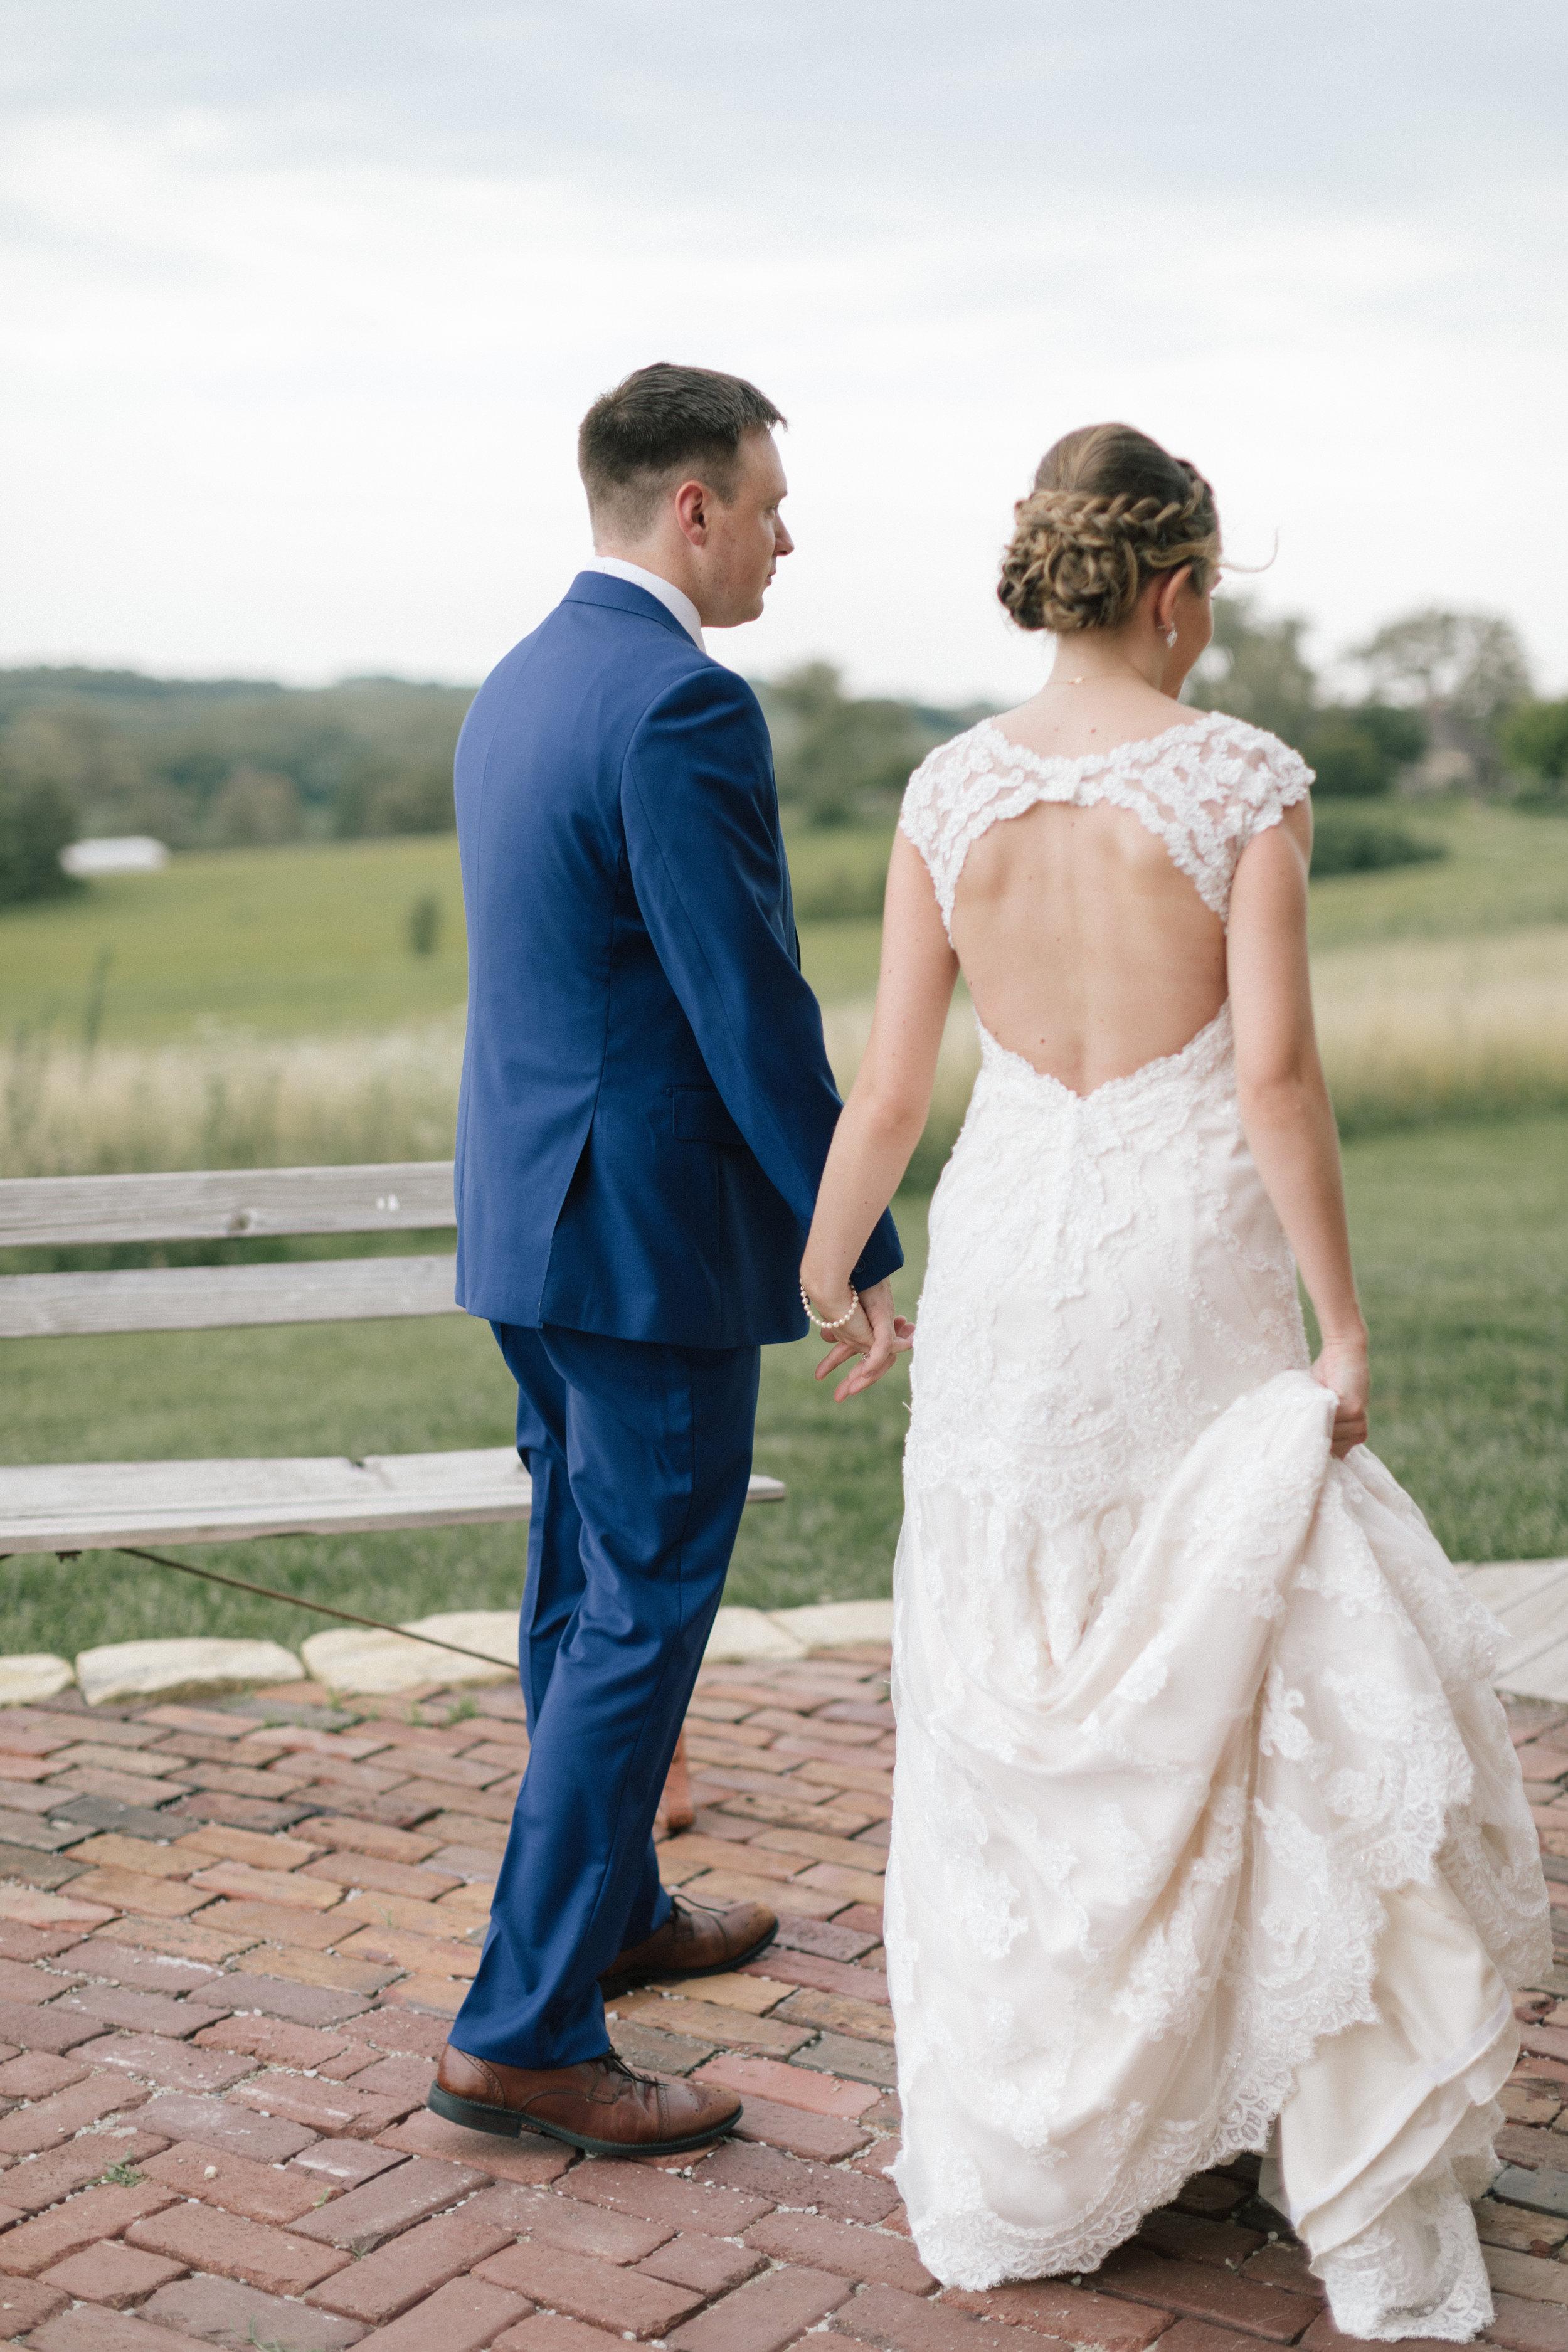 alyssa barletter photography weston missouri bright summer wedding allie and alex cole-12.jpg